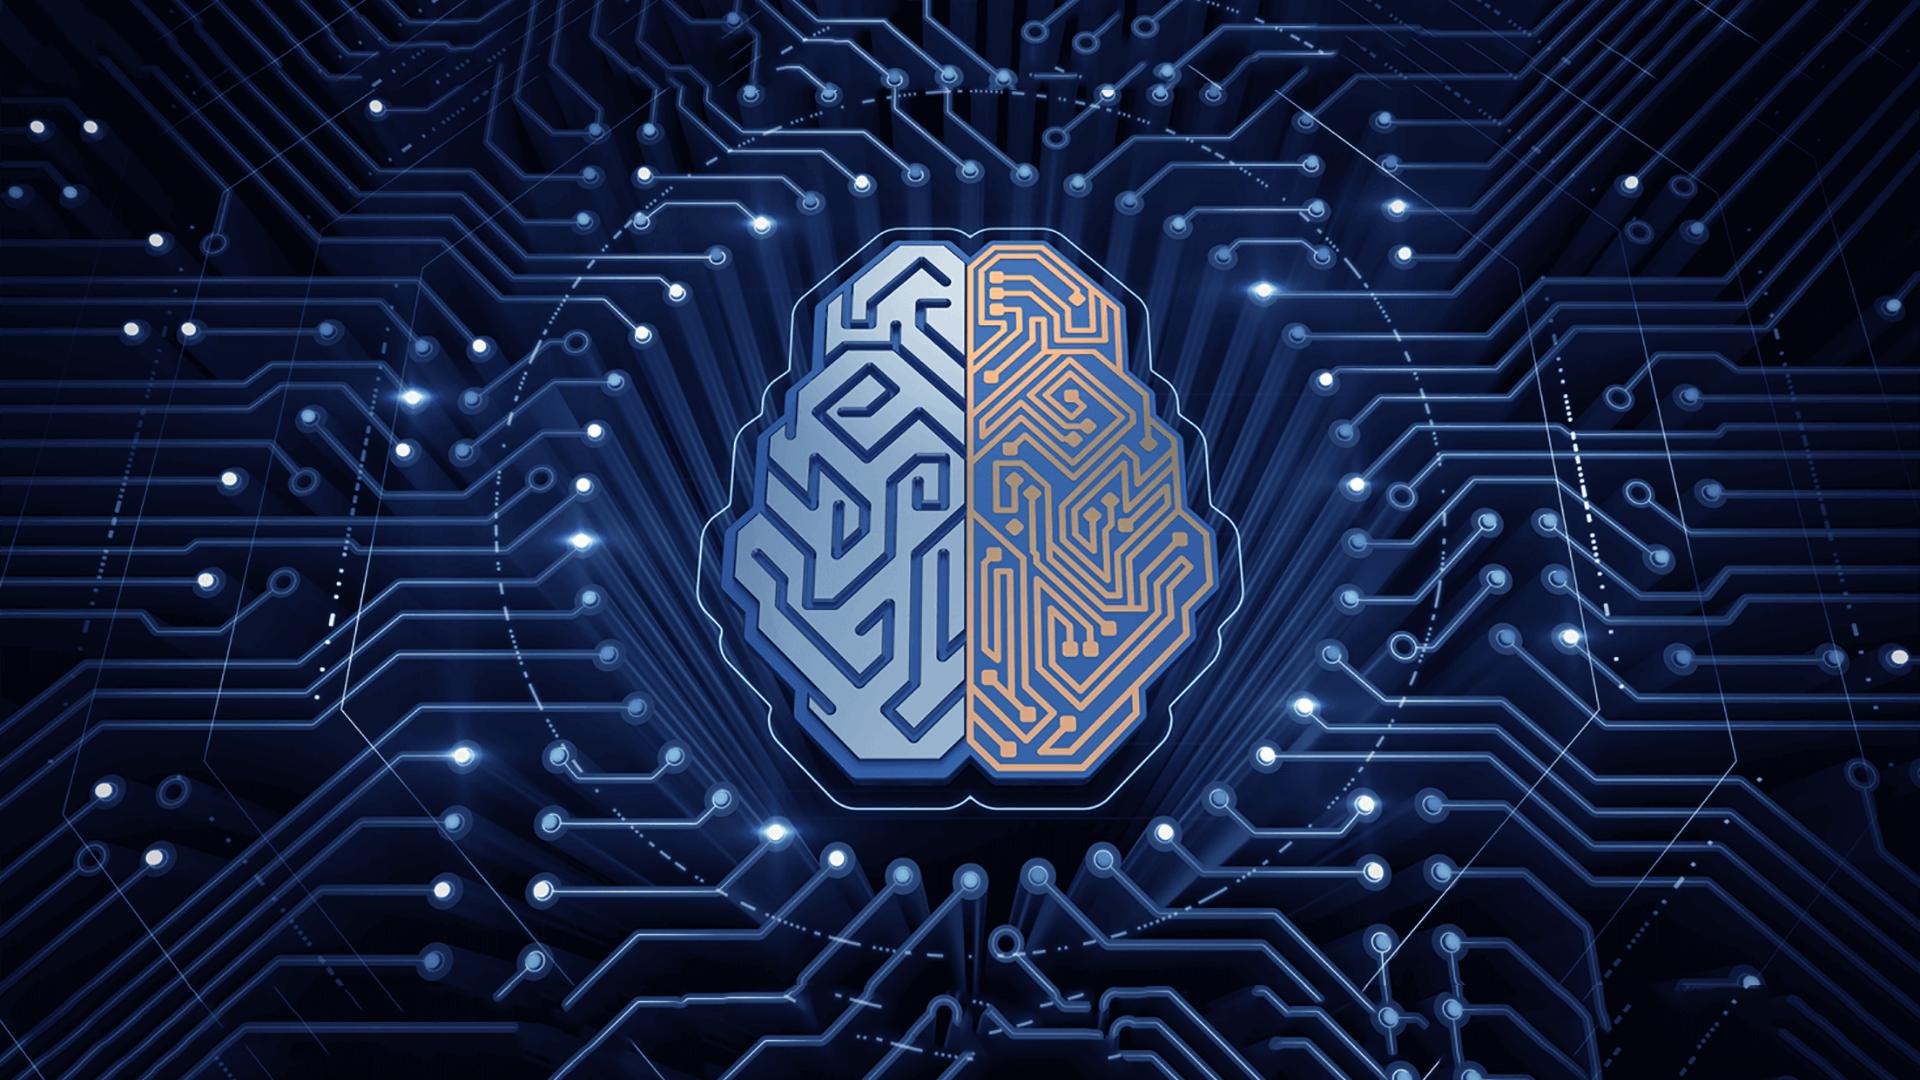 神经网络反向传播算法推导